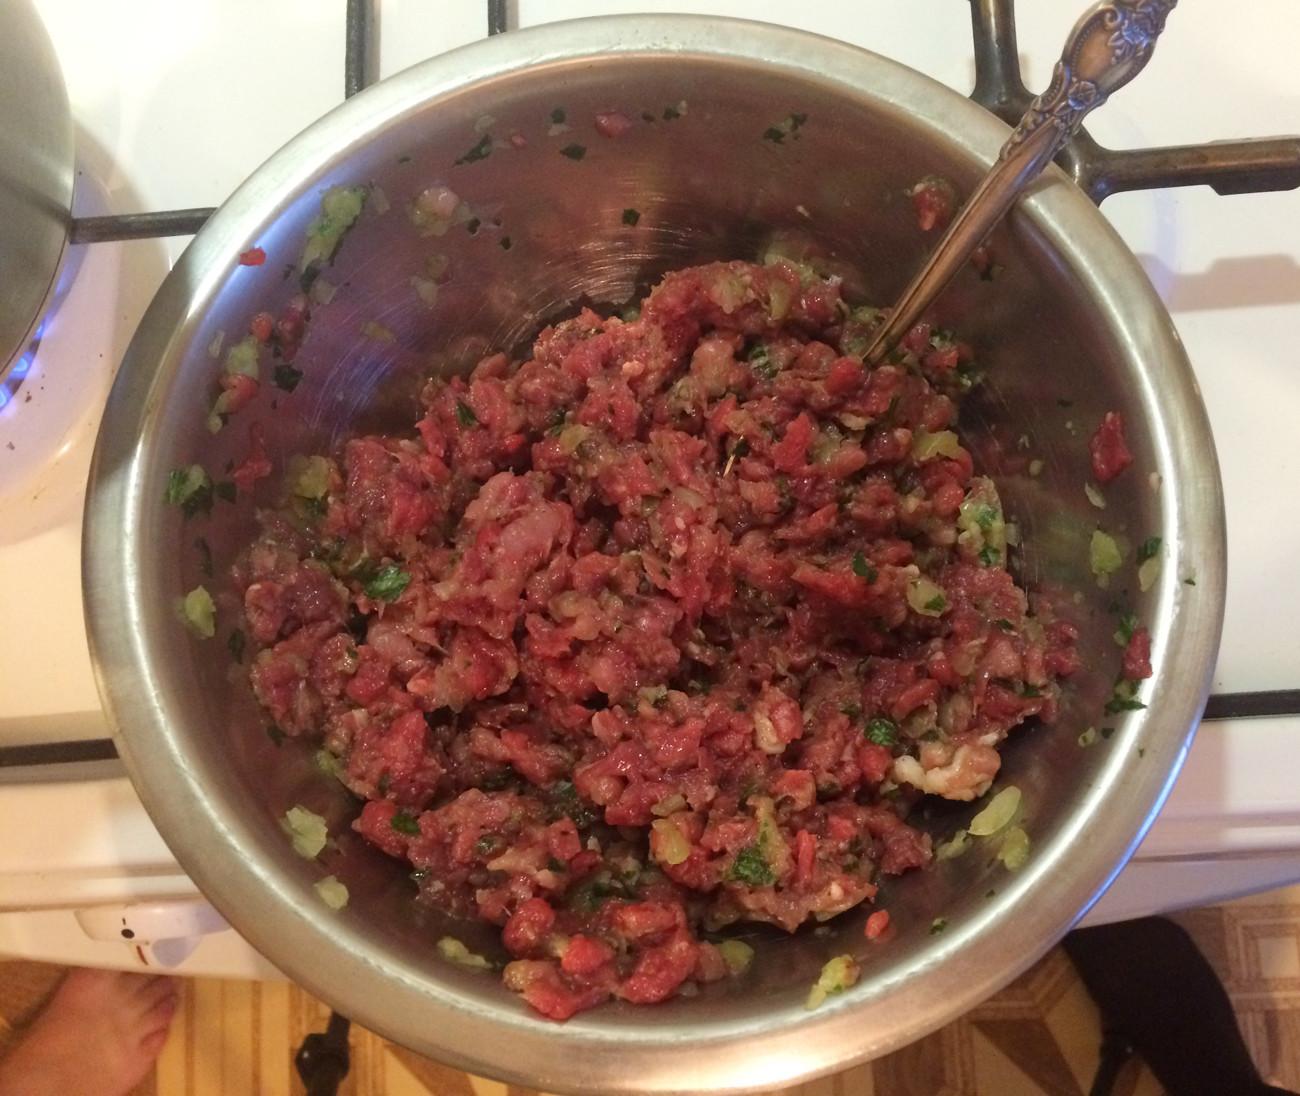 A carne também deve ser bem temperada, com sal e pimenta do reino, além de outras especiarias de sua preferência.